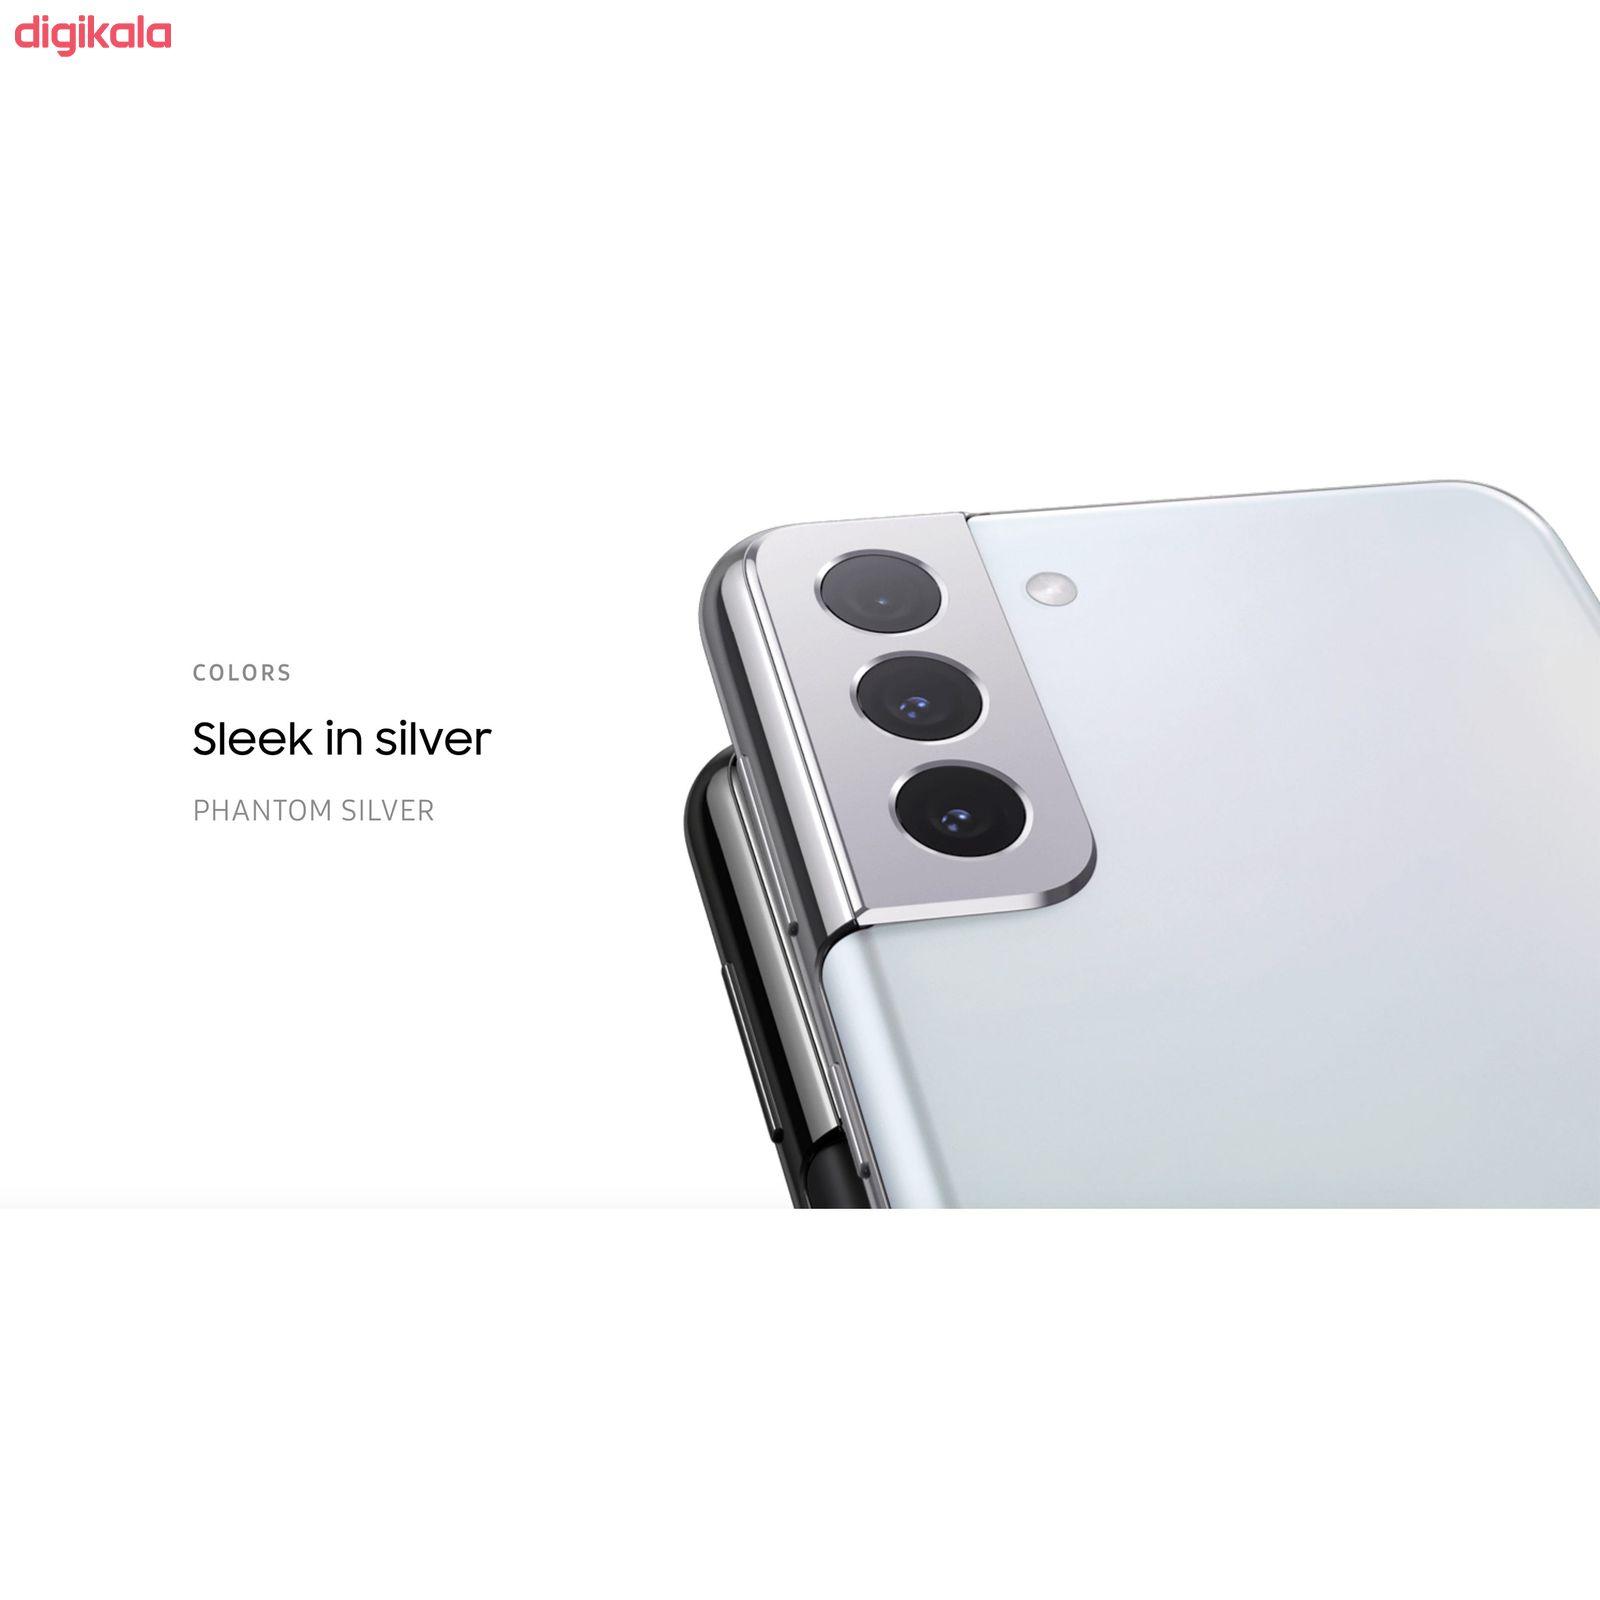 گوشی موبایل سامسونگ مدل Galaxy S21 Plus 5G SM-G996B/DS دو سیم کارت ظرفیت 256 گیگابایت و رم 8 گیگابایت main 1 12